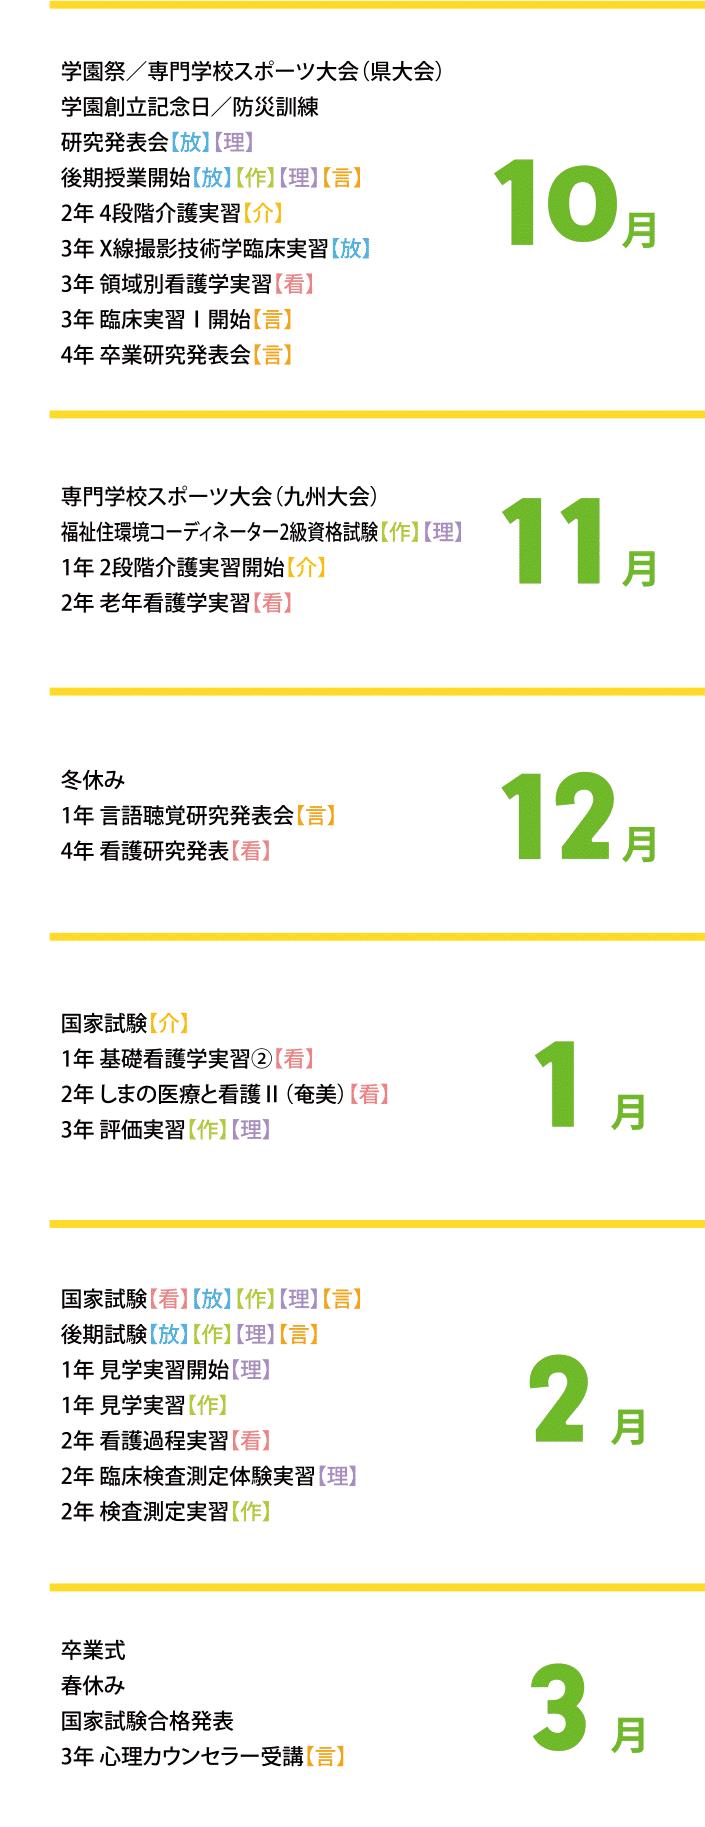 イベント10月~3月